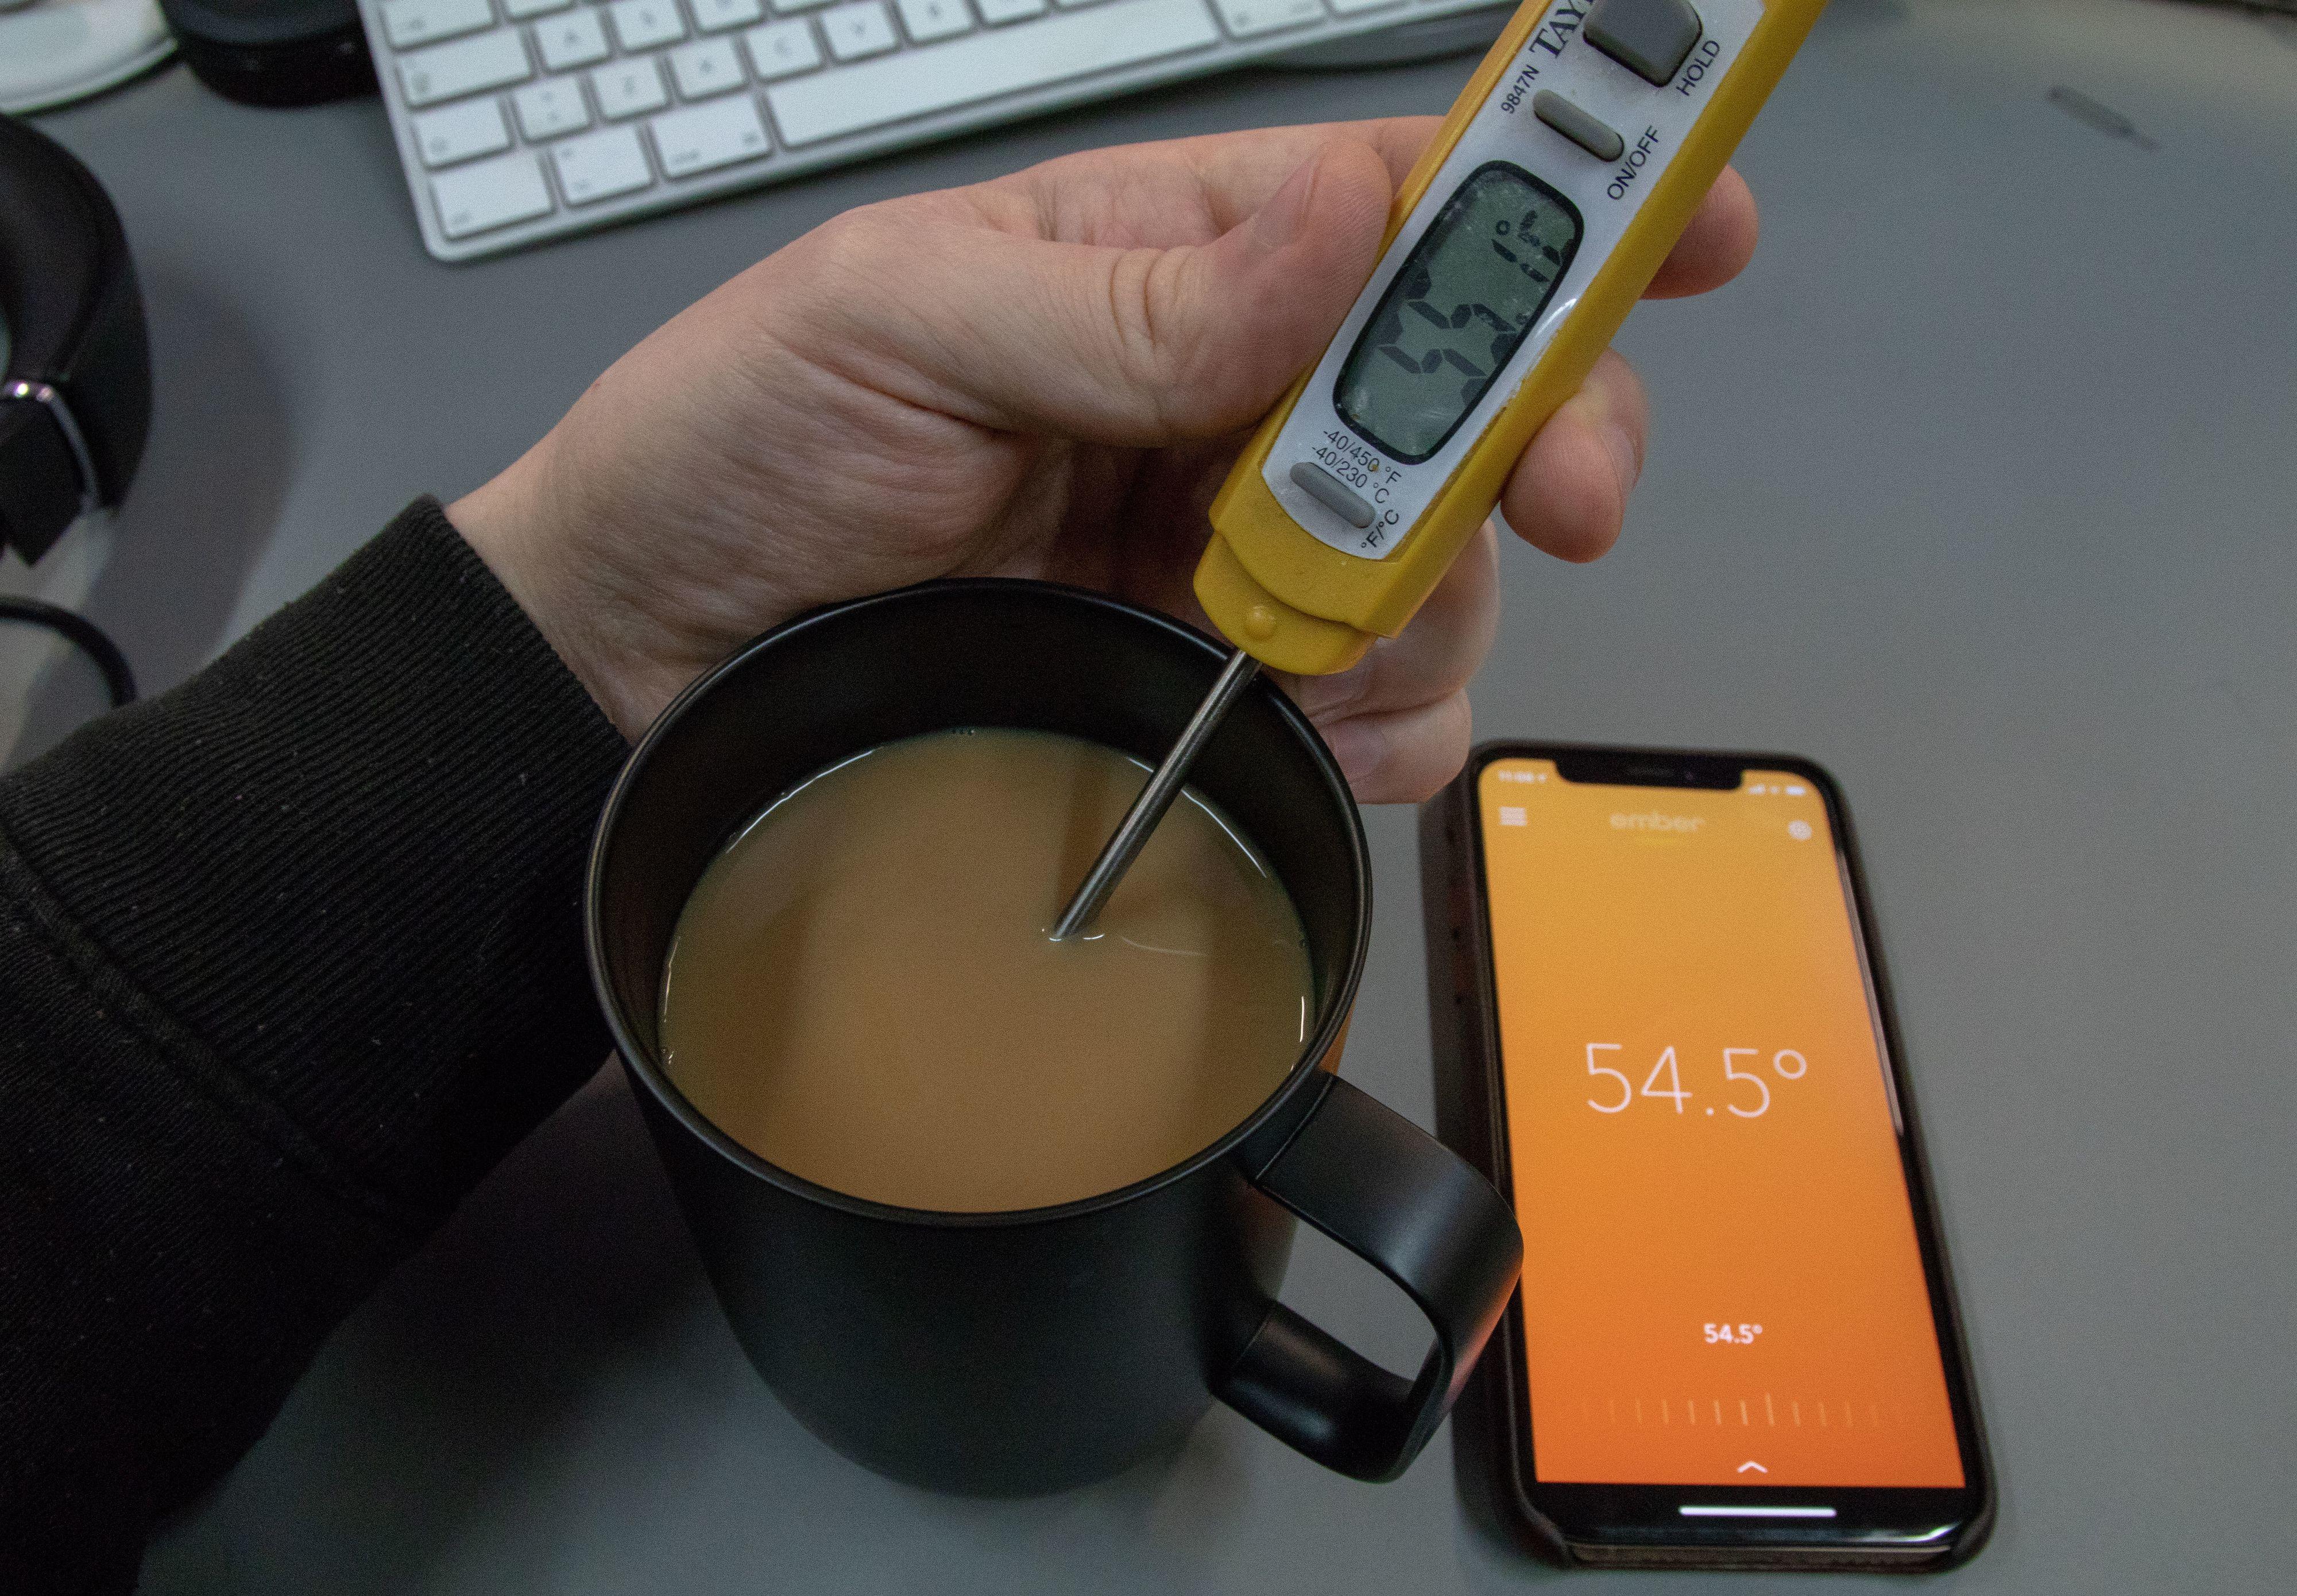 Ember-koppen holder kaffen på en jevn temperatur, men våre målinger viser at drikken stort sett er litt varmere enn angitt.